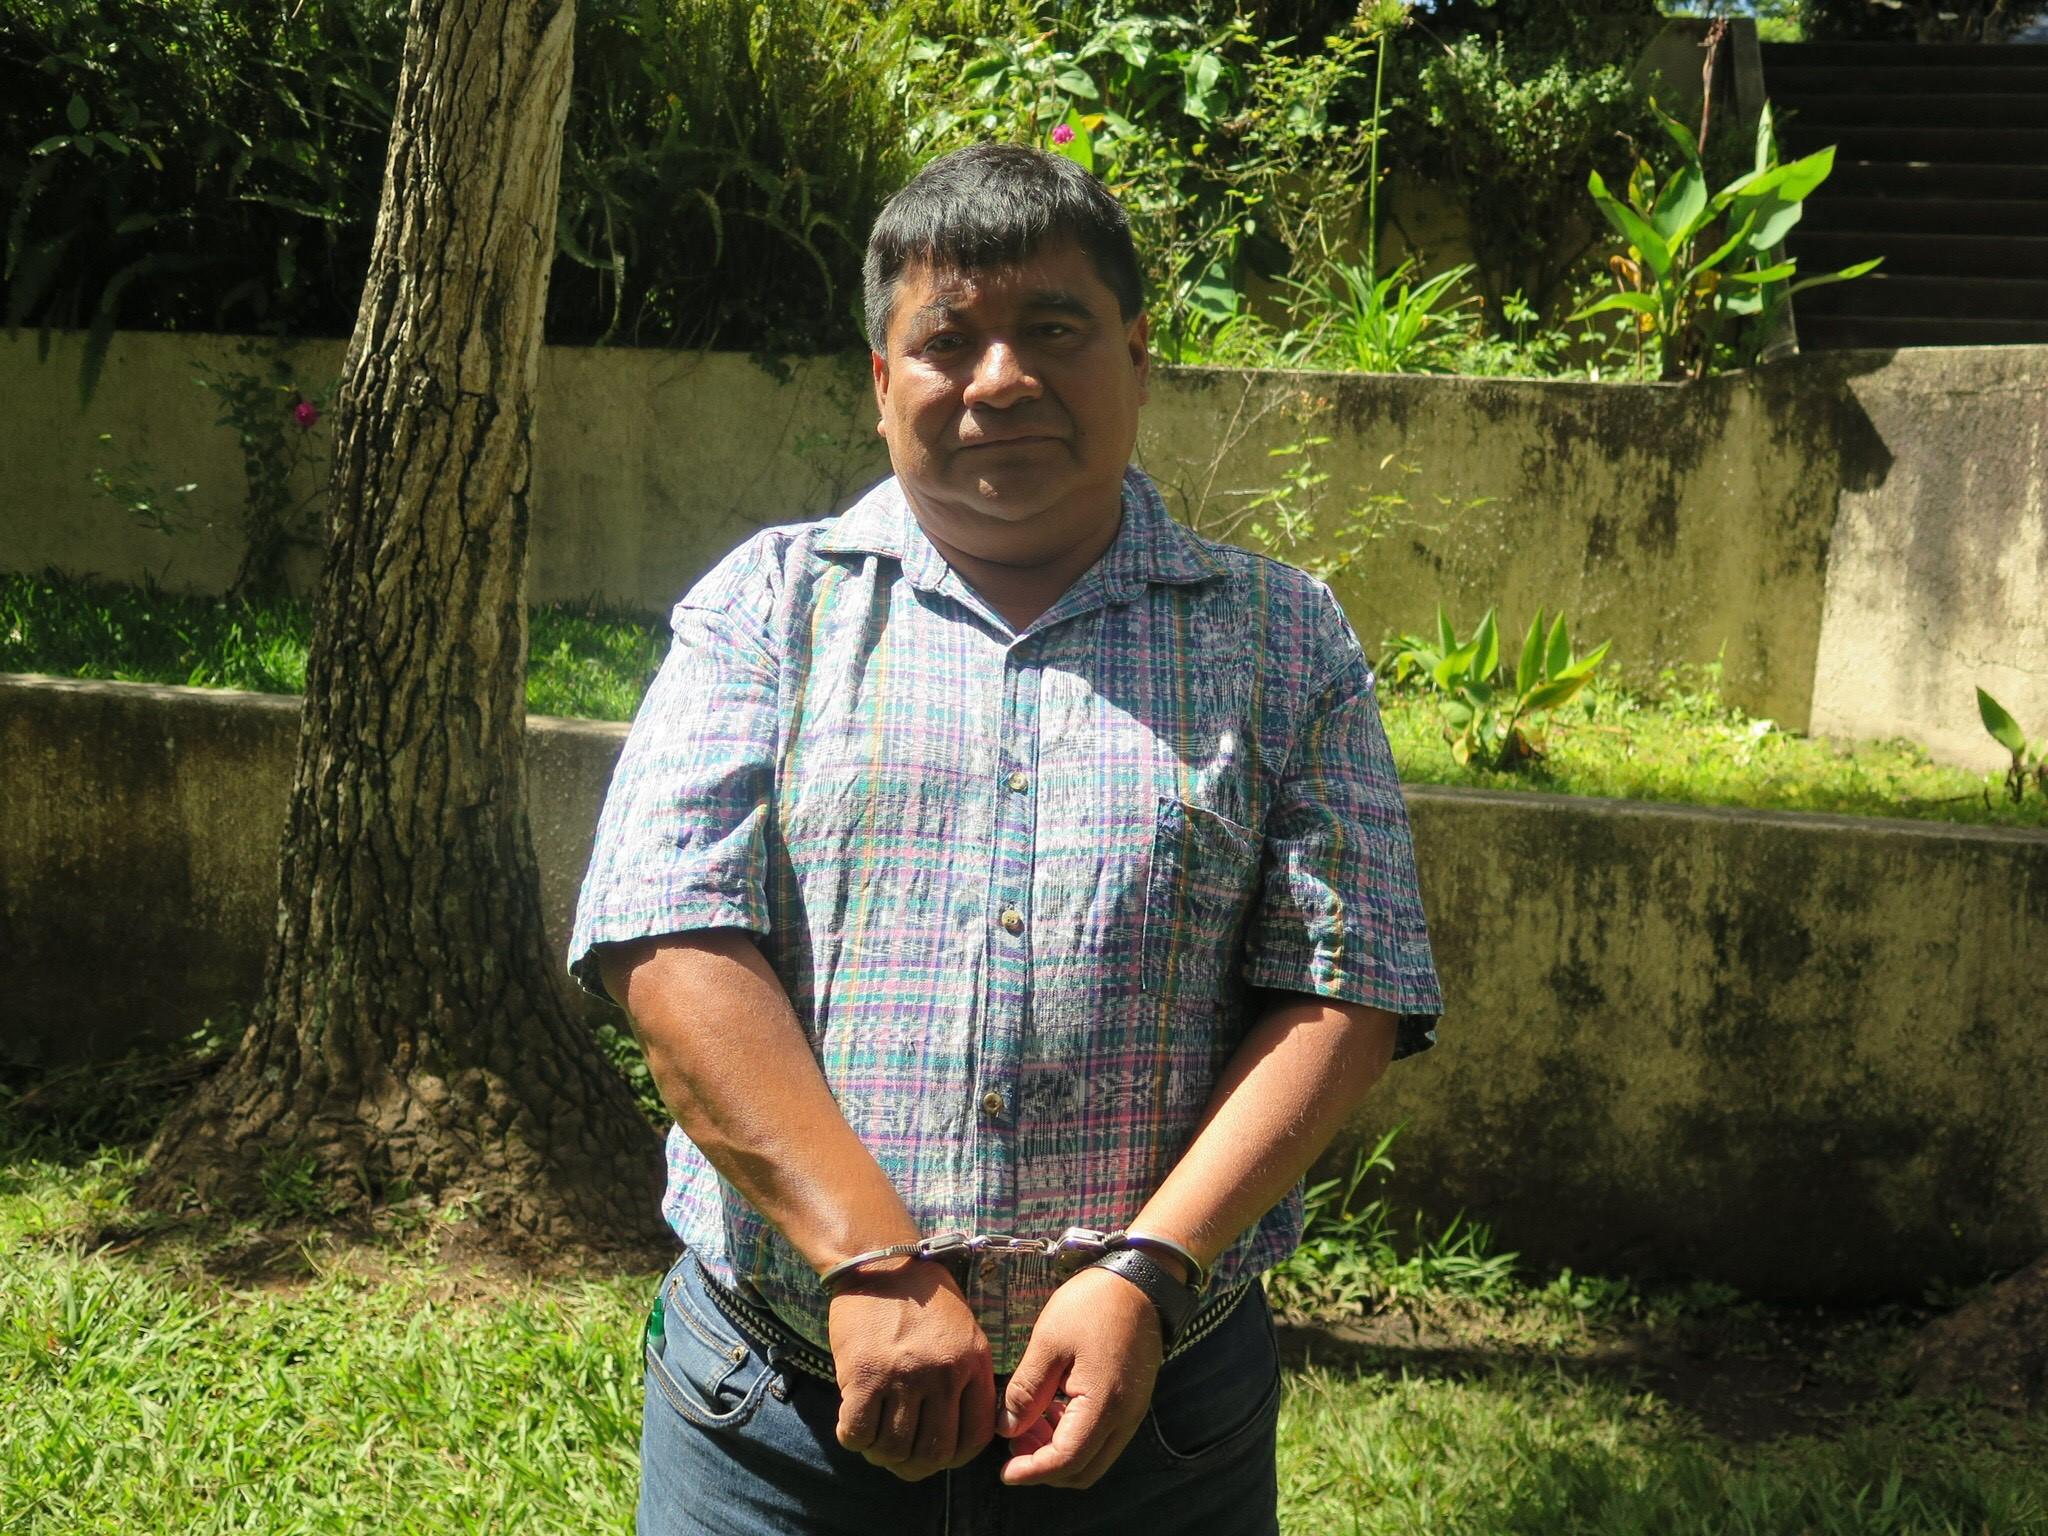 guatemala mal país para defender el medioambiente